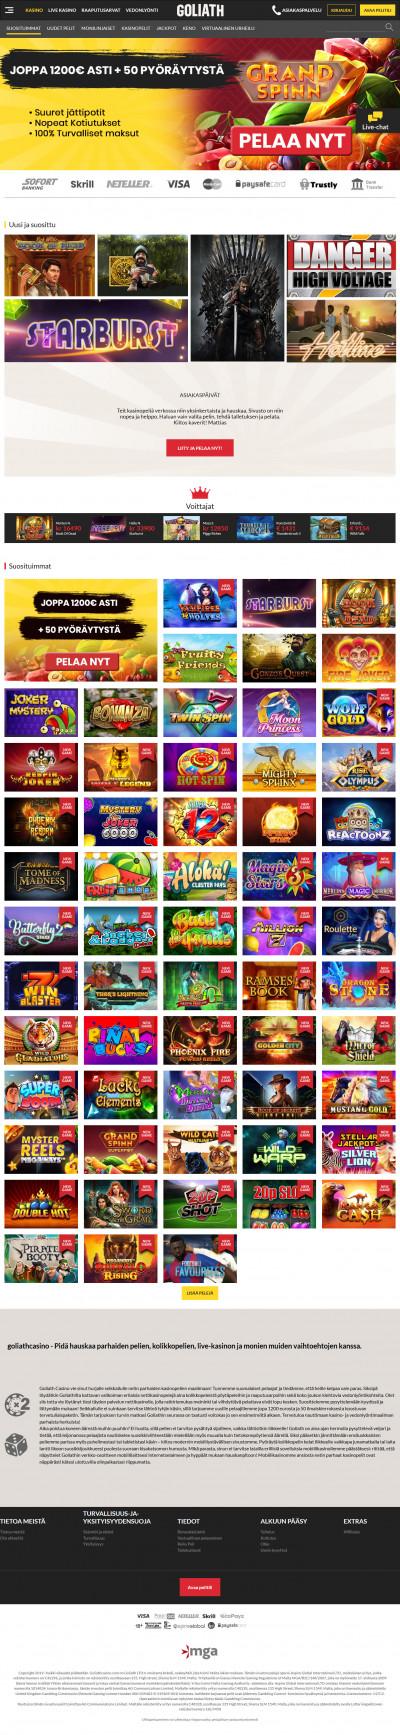 Goliath Casino kuvakaappaus